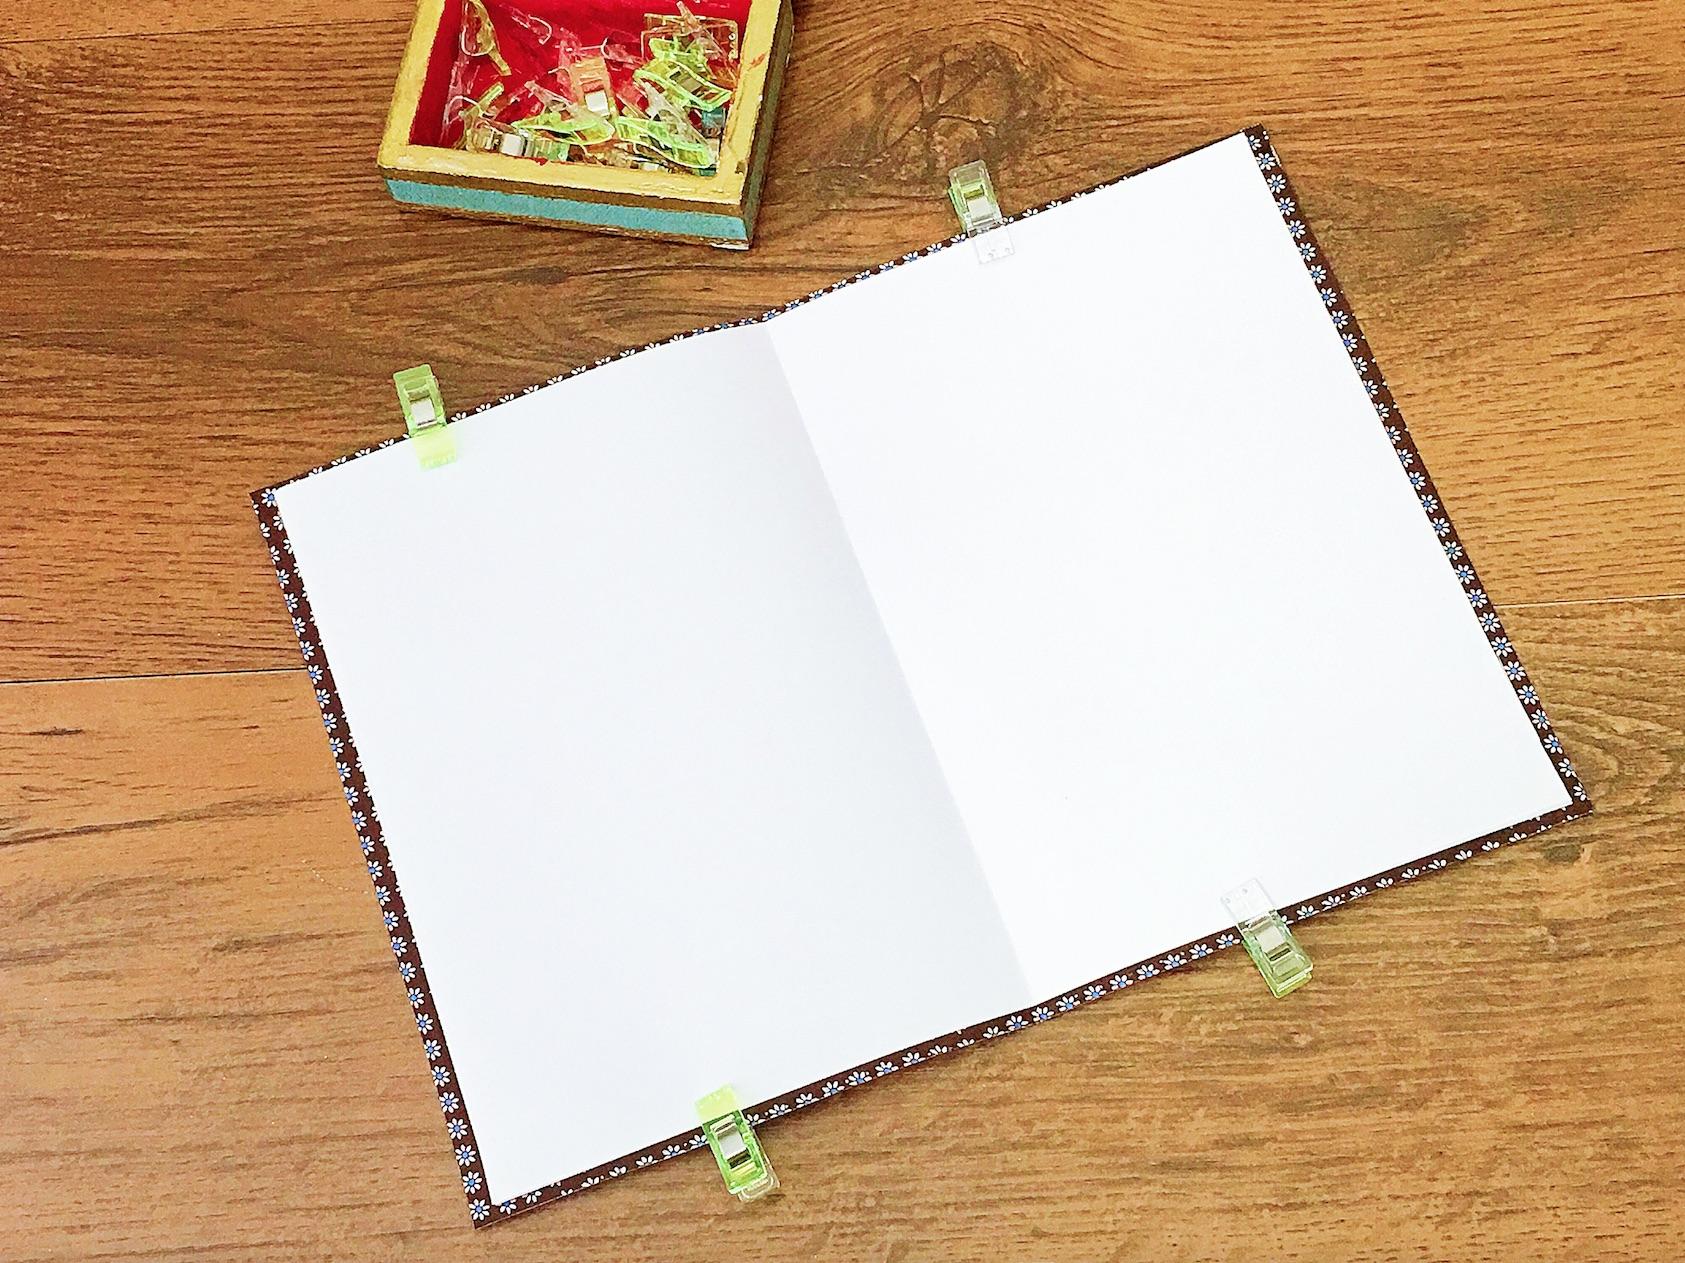 quaderno con la carta adesiva